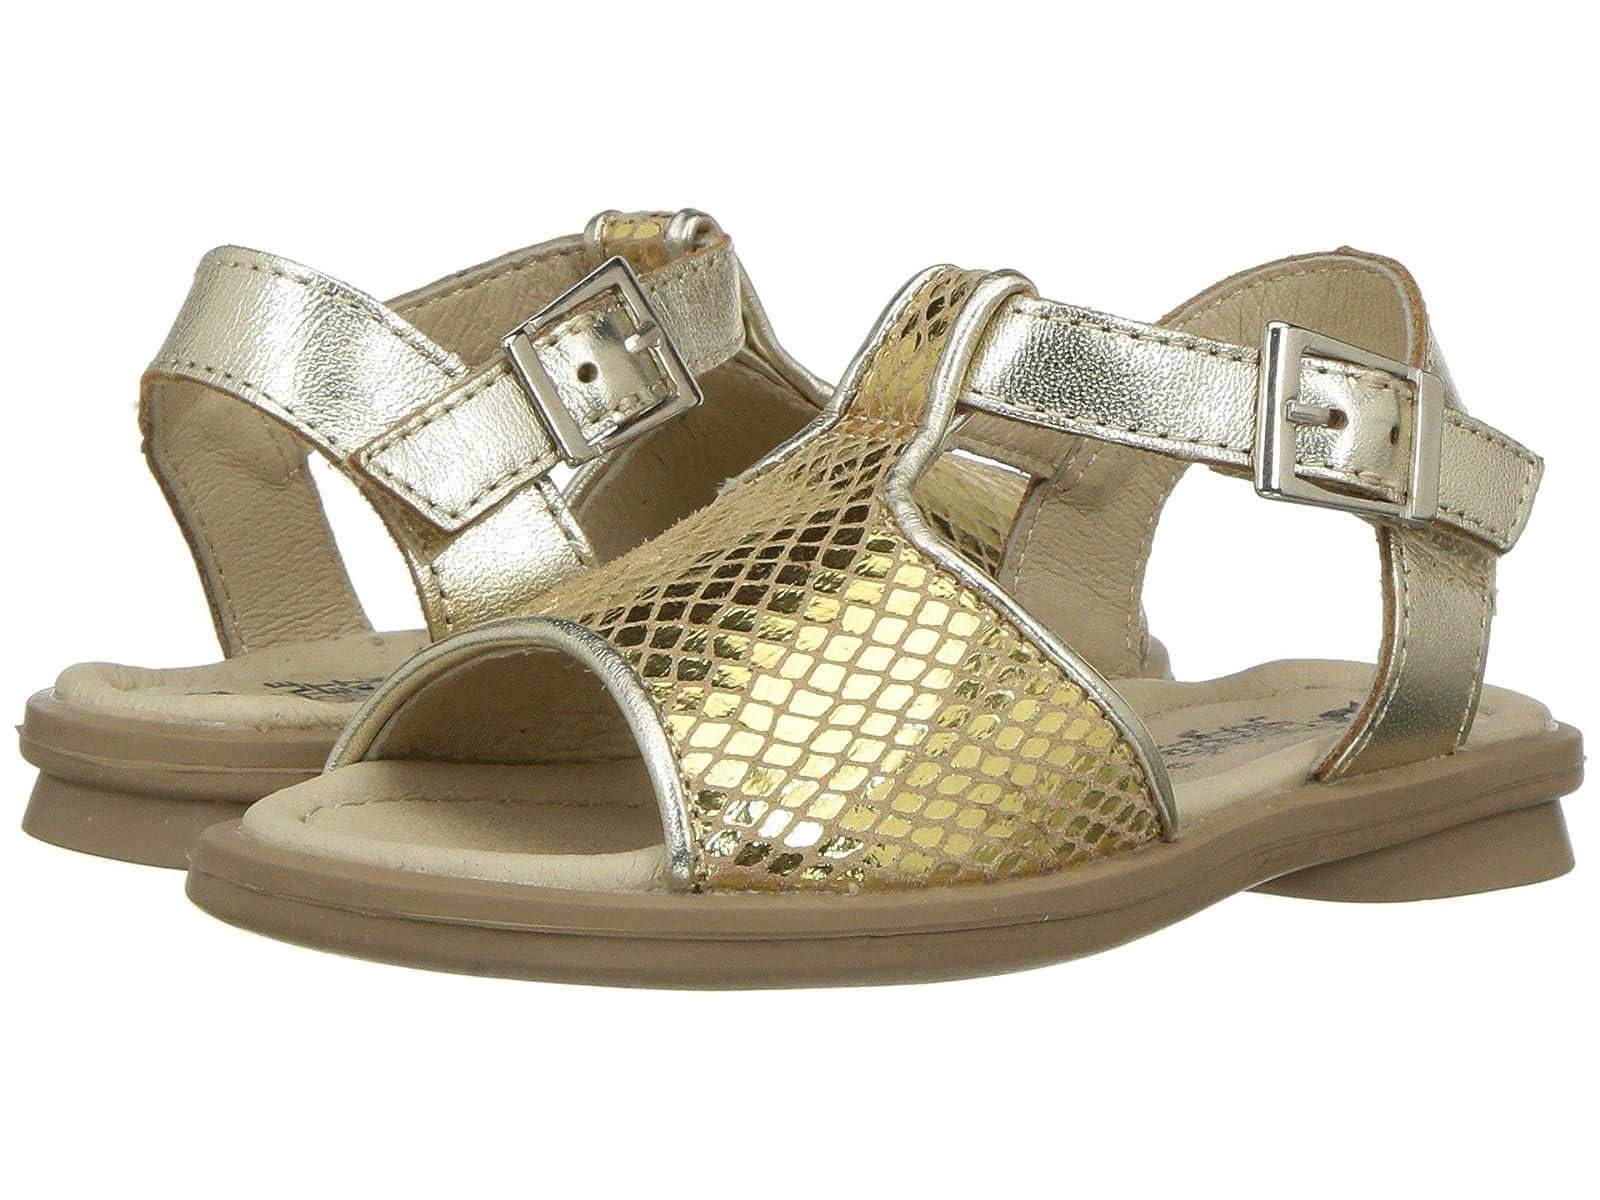 Old Soles Sugar Sandal (Toddler/Little Kid)Atmospheric grades have affordable shoes